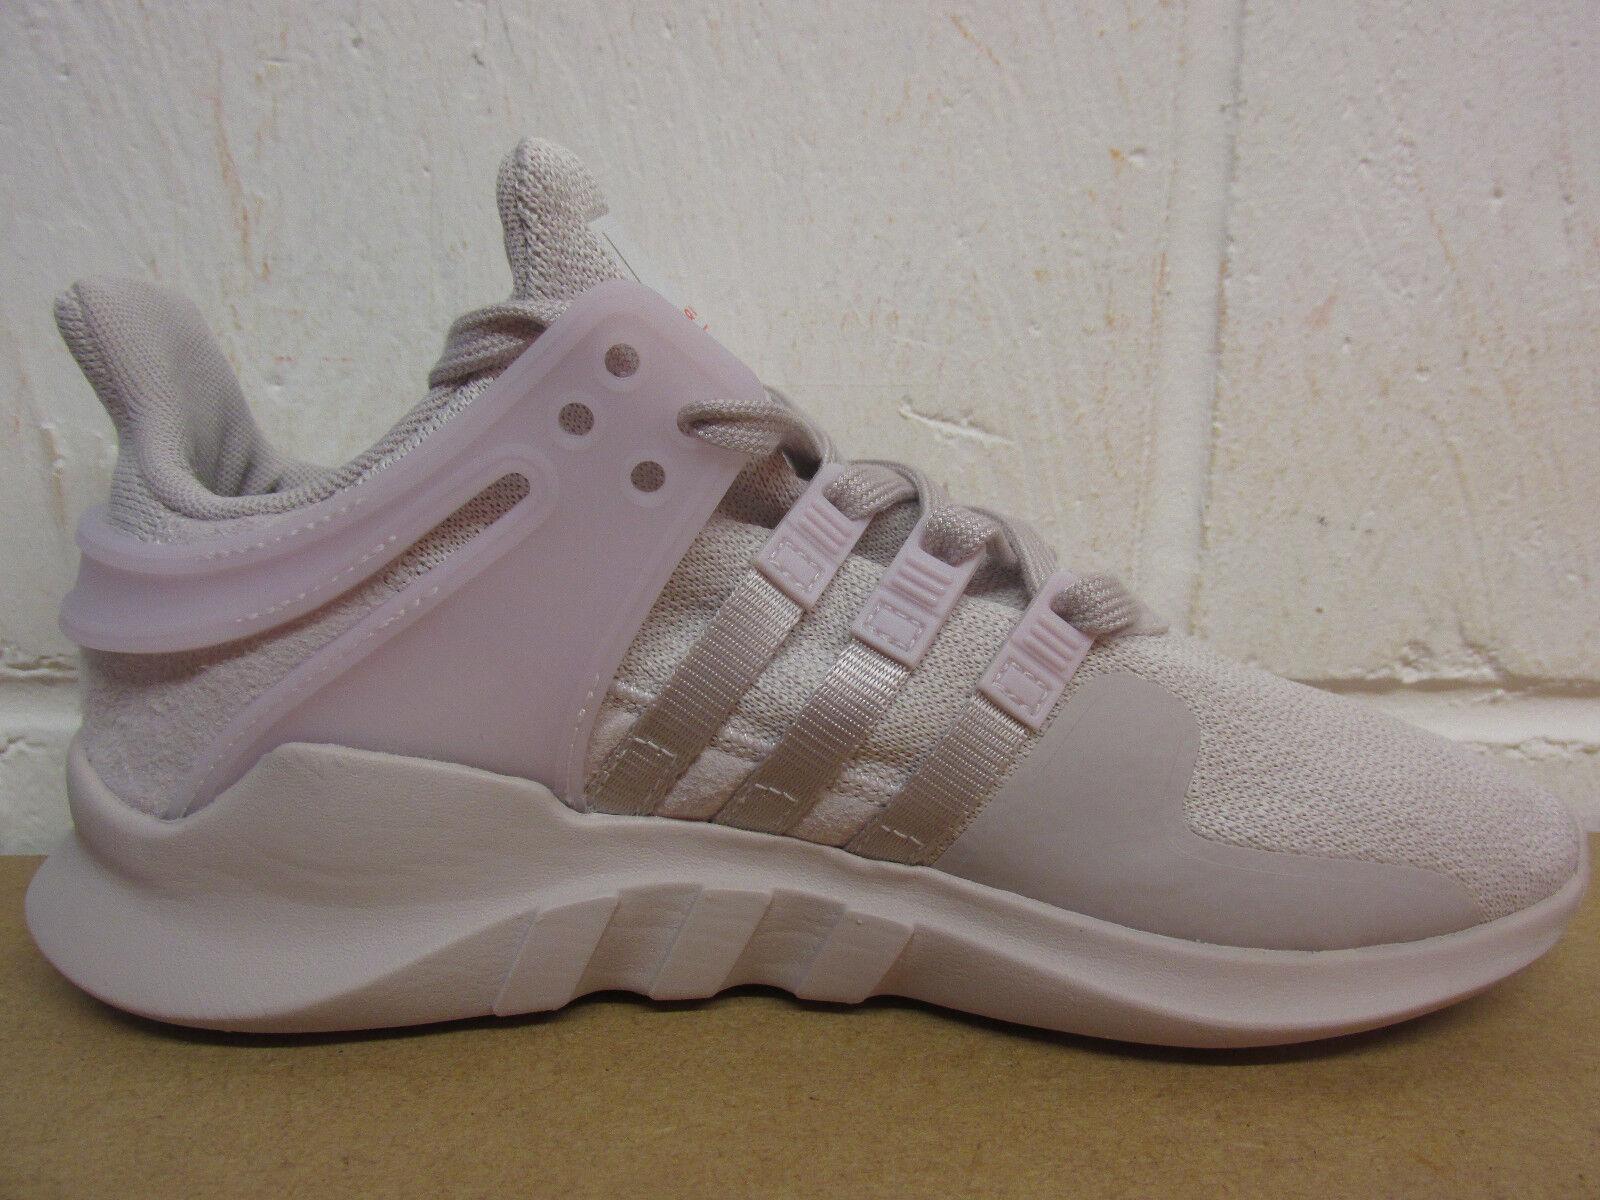 Adidas Originals Damen Equipment Unterstützung Adv Damen Originals Laufschuhe Turnschuhe BB2327 a531db